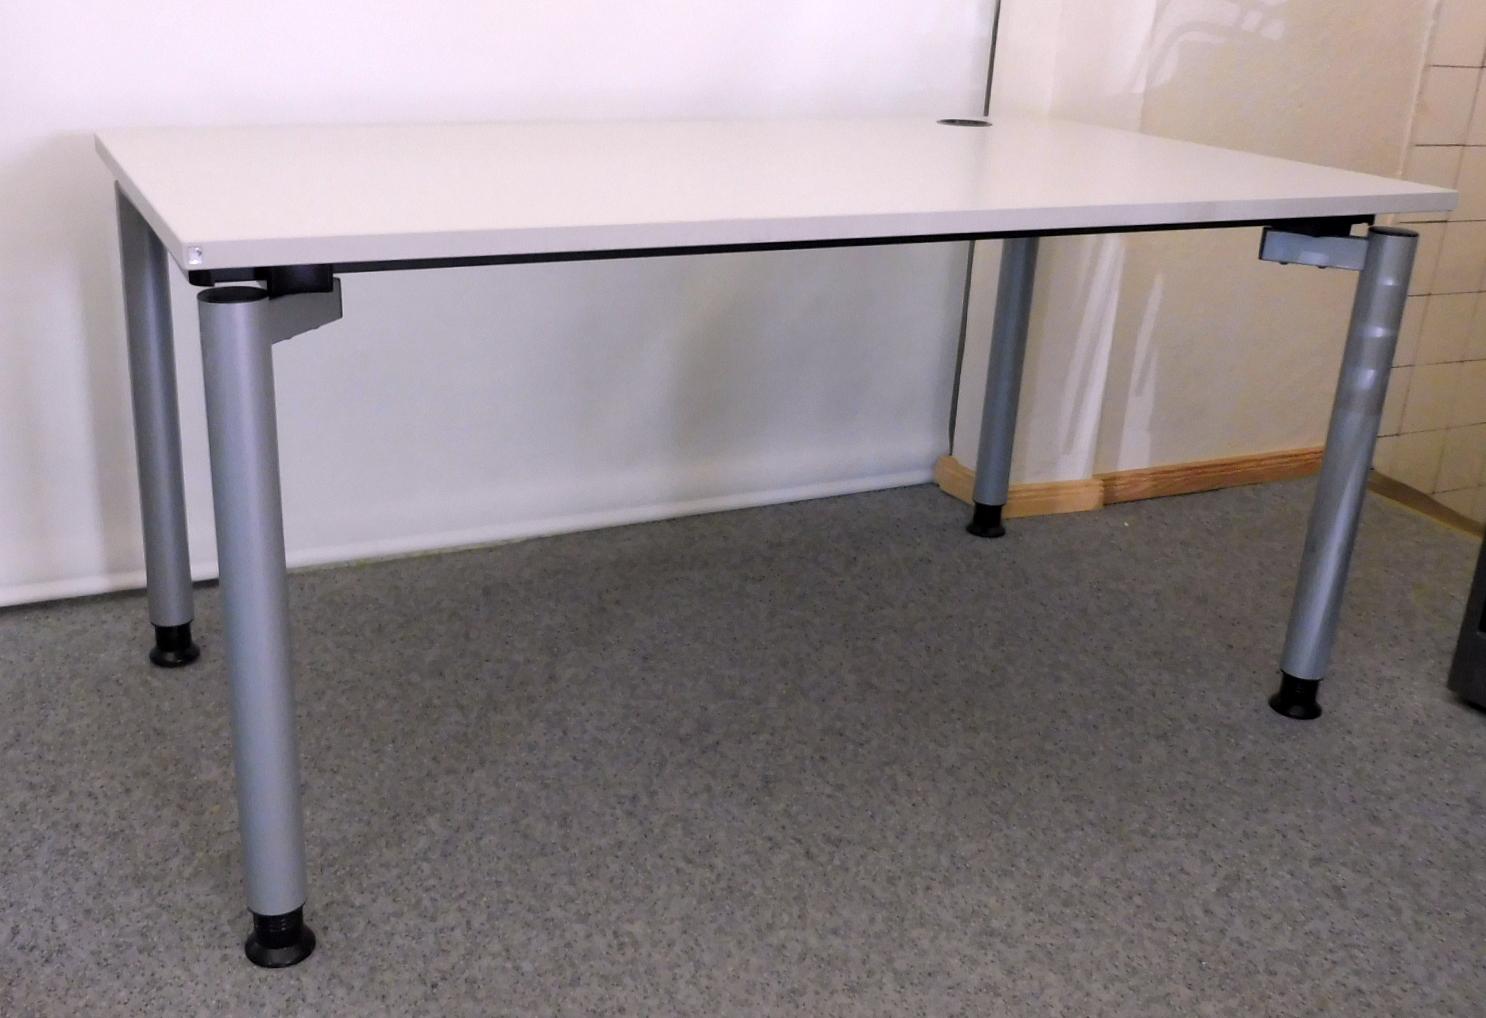 Hohenverstellbarer Schreibtisch In Lichtgrau Von Fm Das Zweite